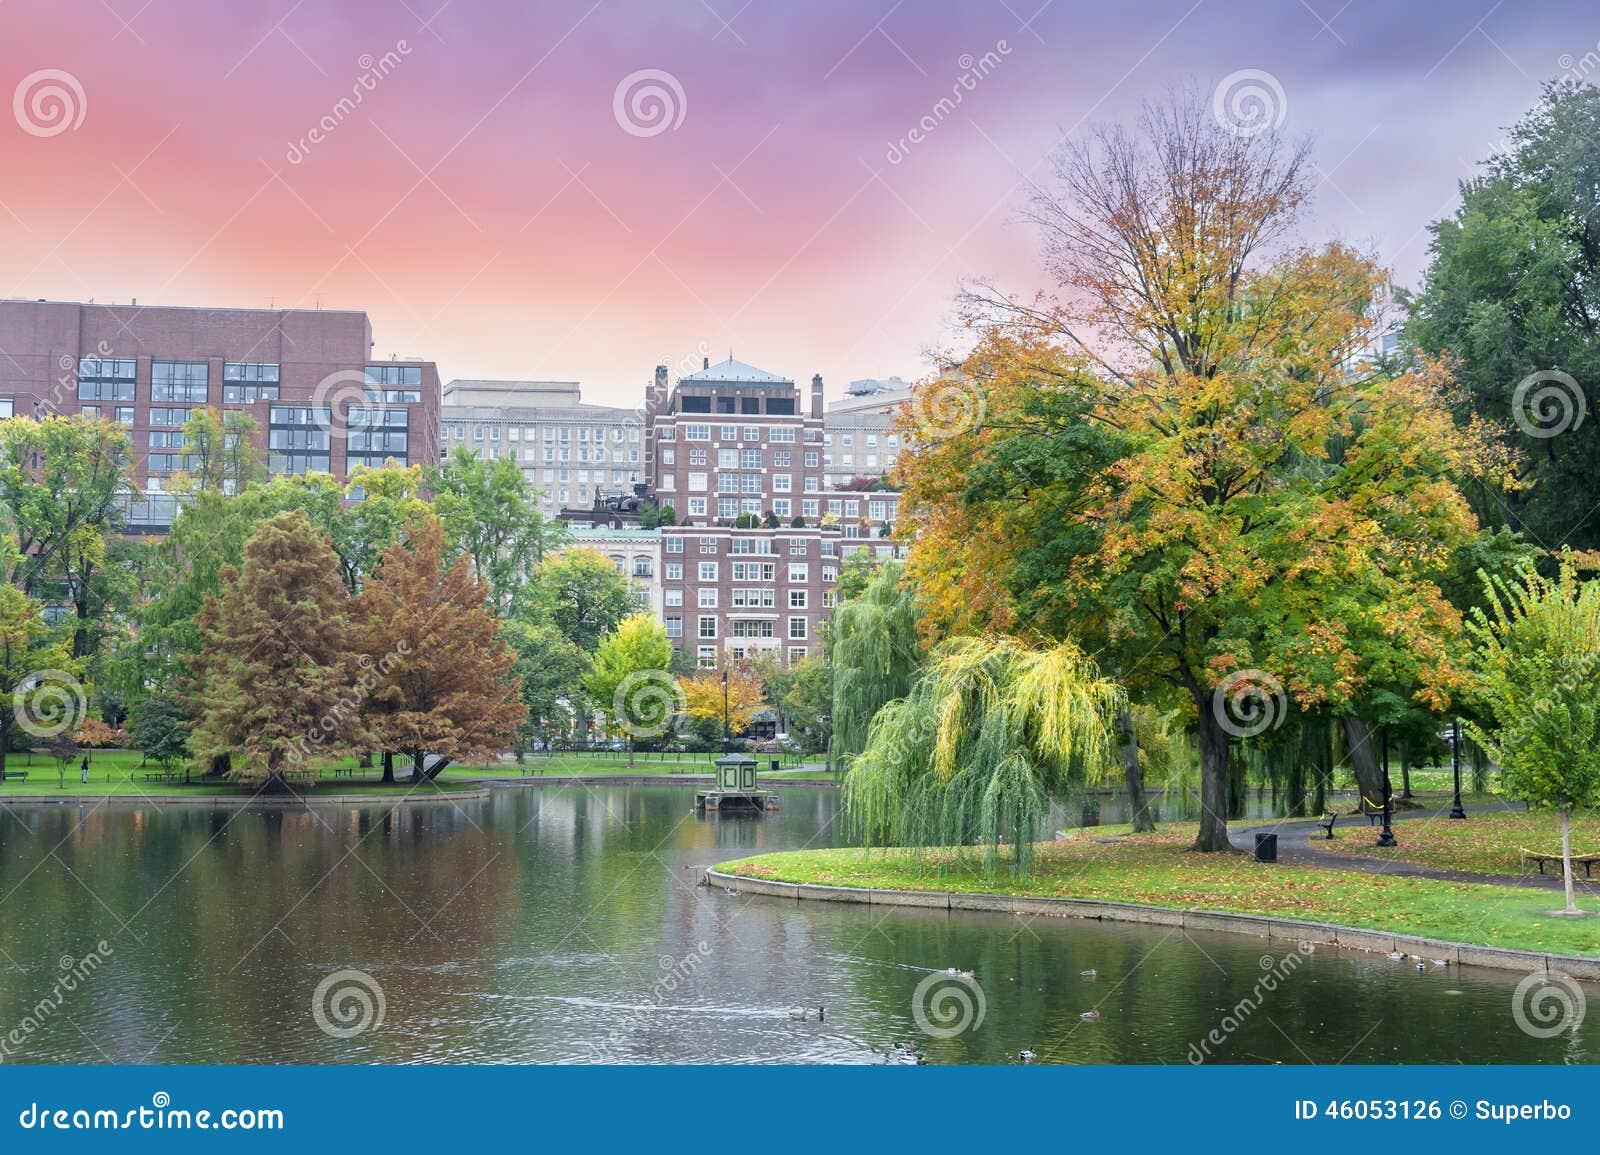 Fall colors Boston Common and Public Garden